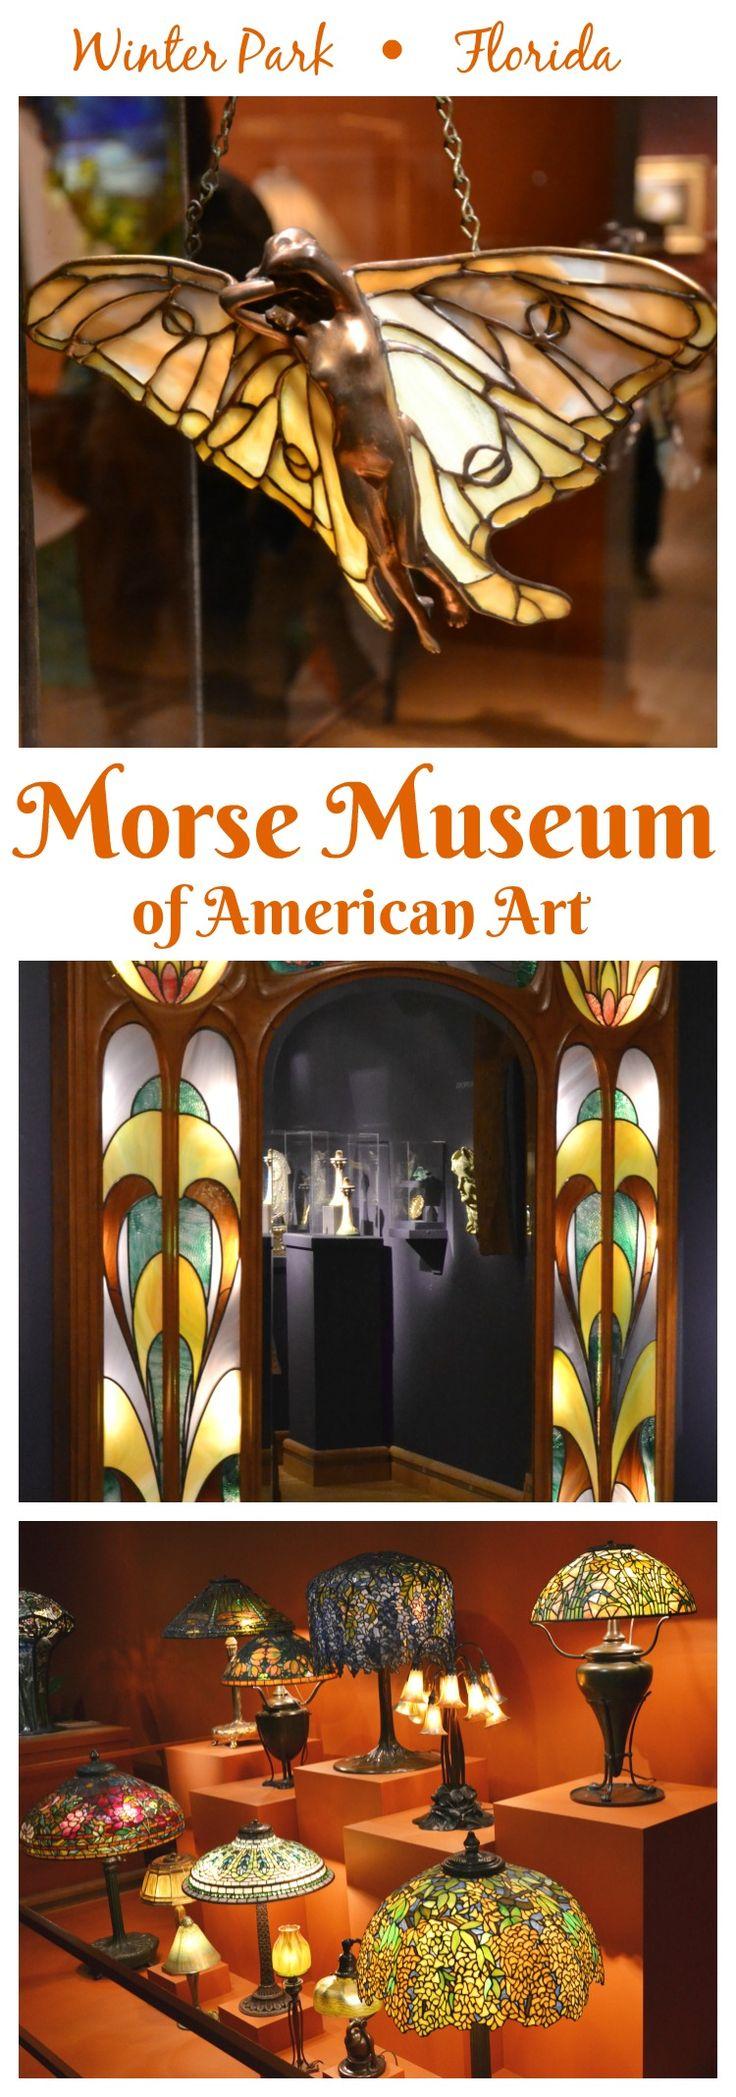 Winter Park - Florida - Charles Hosmer Morse Museum of American Art: O Charles Hosmer Morse Museum of American Art, que exibe o mais abrangente conjunto de obras do norte-americano Louis Comfort Tiffany, são joias, cerâmicas, pinturas, vitrais e as premiadas luminárias